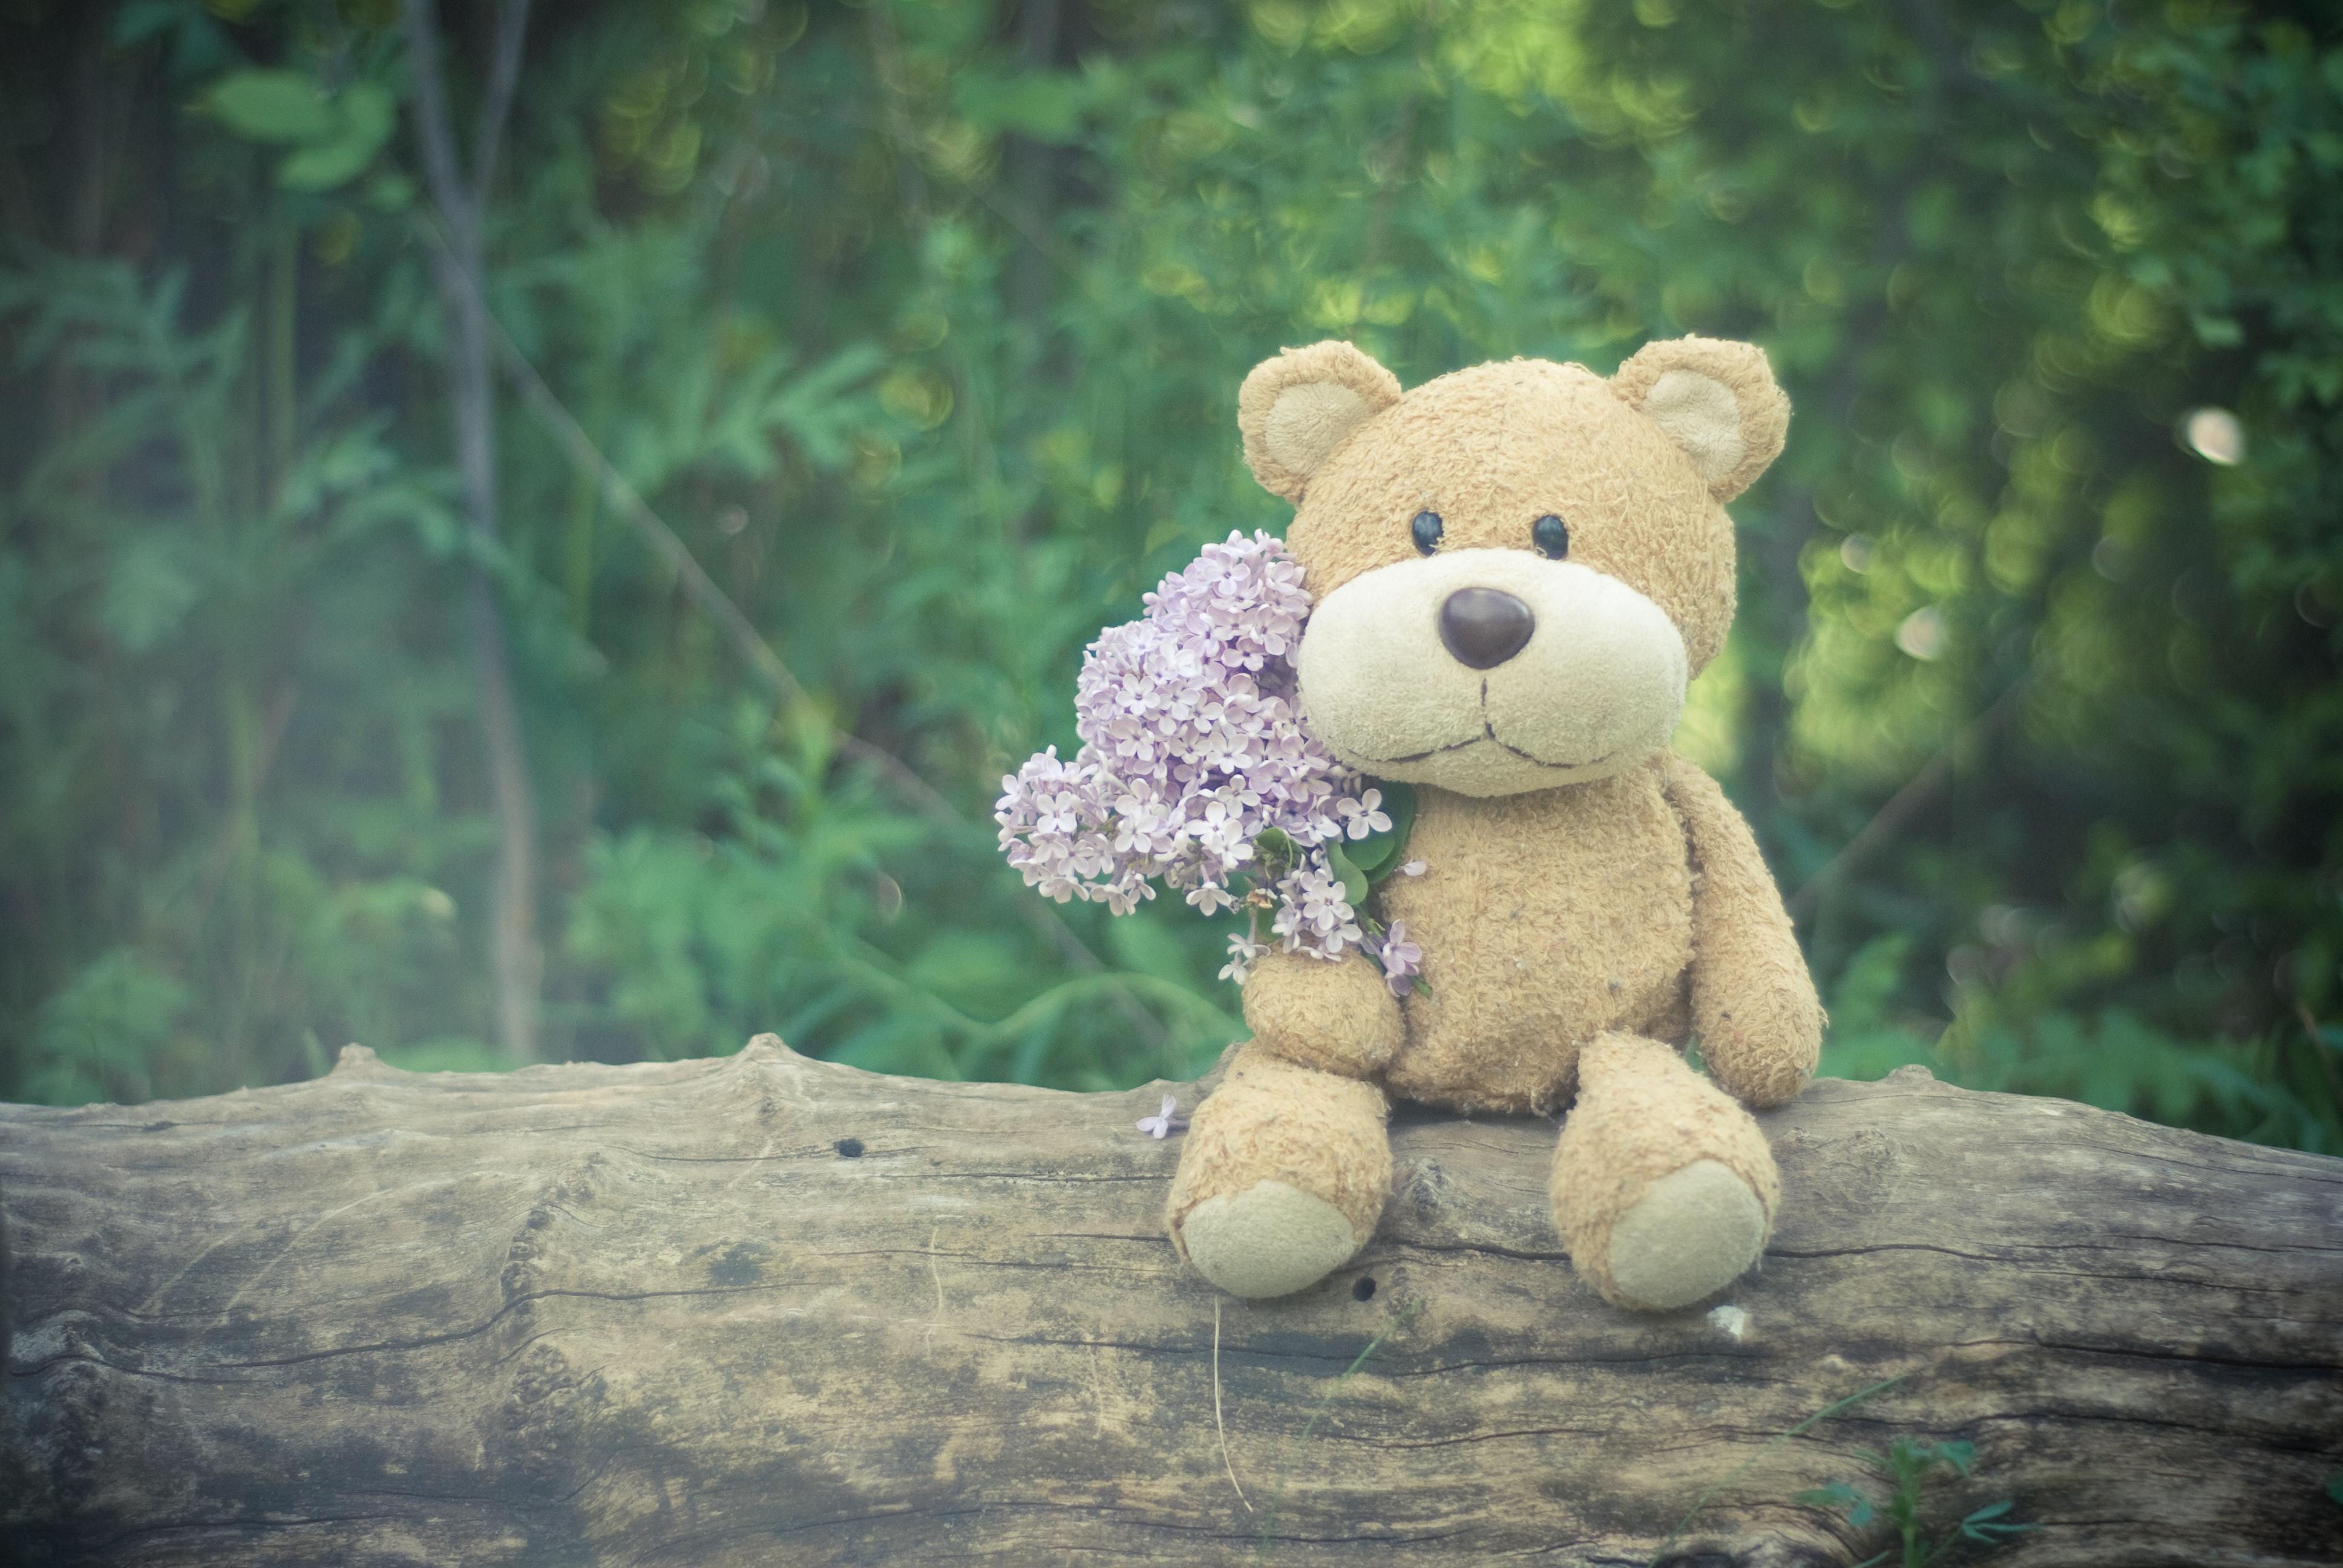 bloom-blossom-flora-105530.jpg